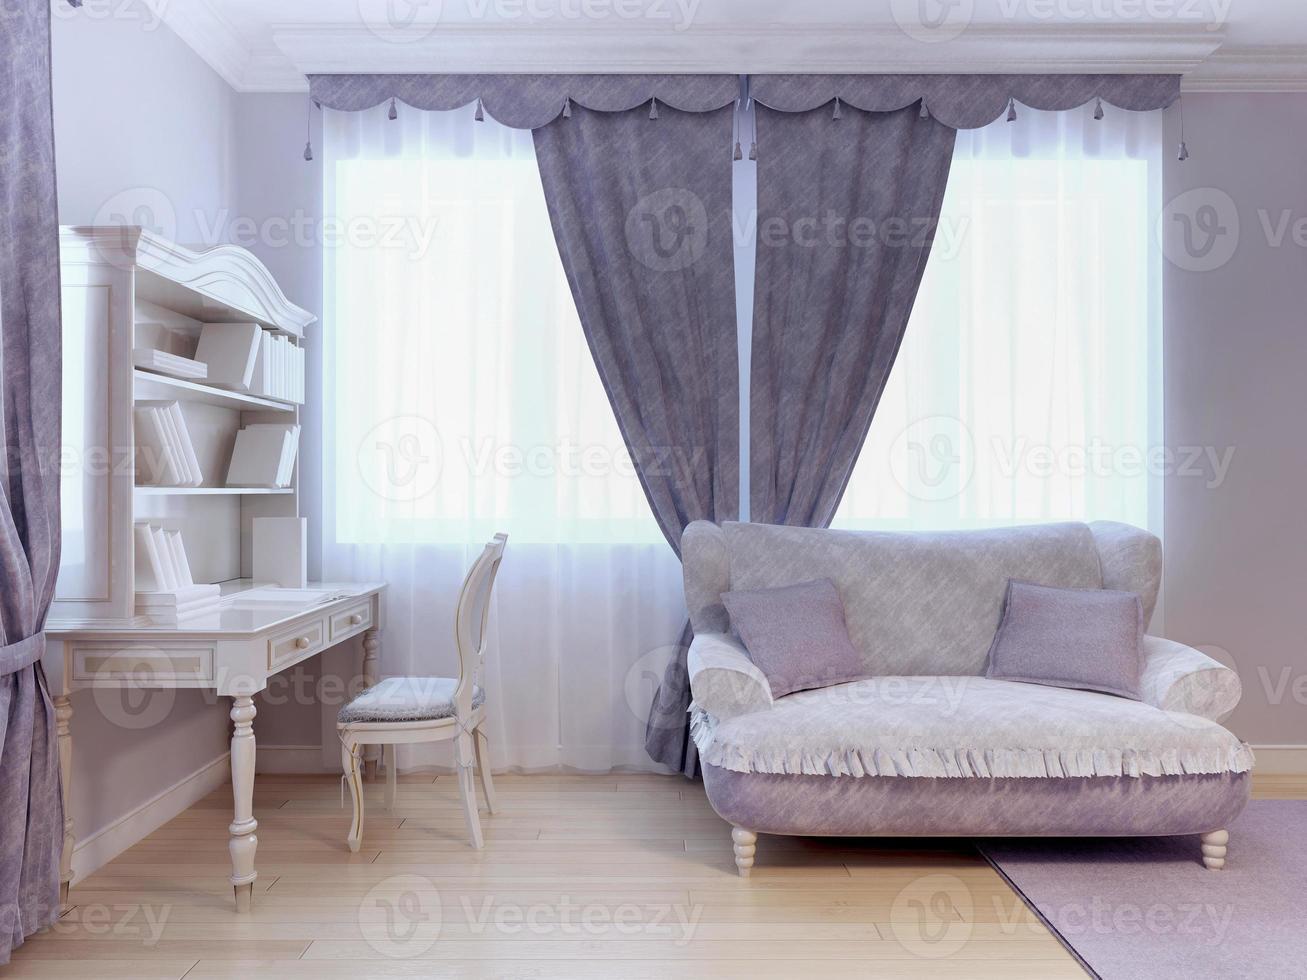 divano e scrivania in camera da letto foto